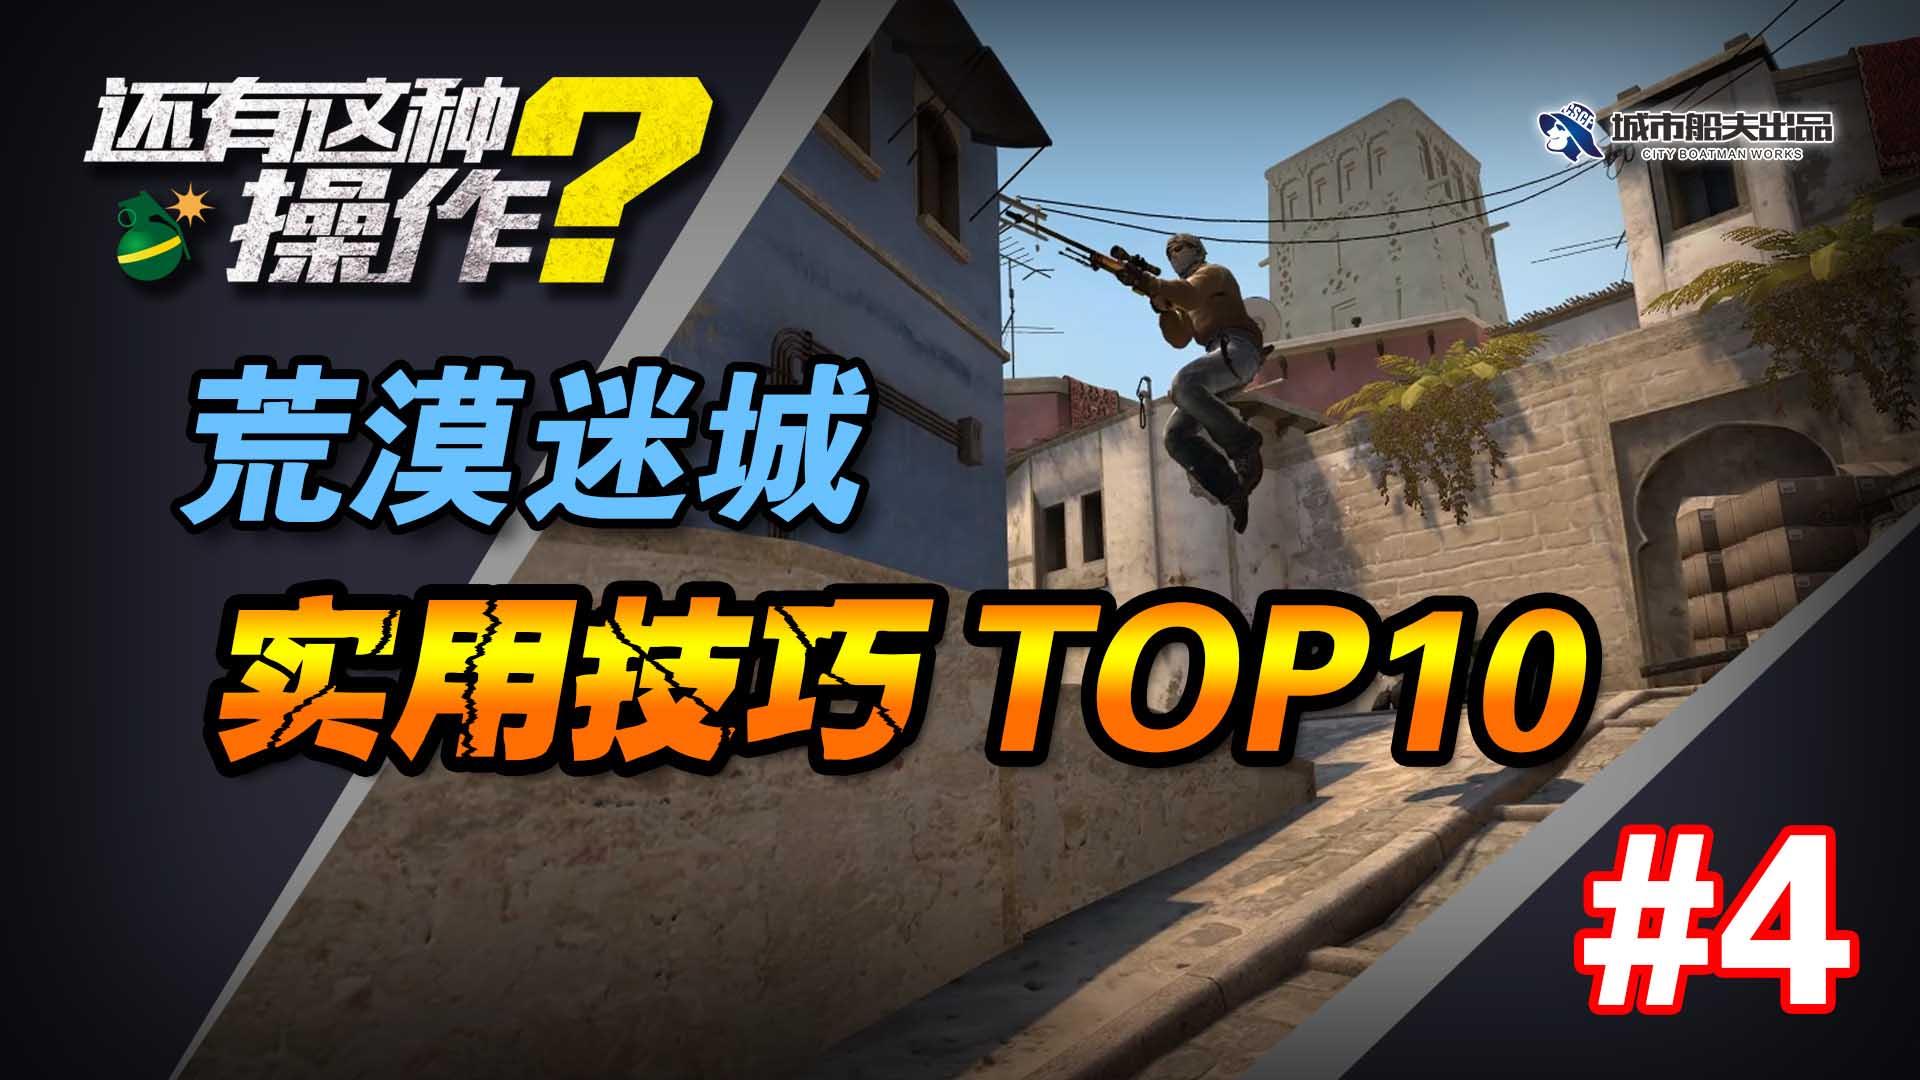 【CSGO还有这种操作】#4 荒漠迷城实用技巧TOP10